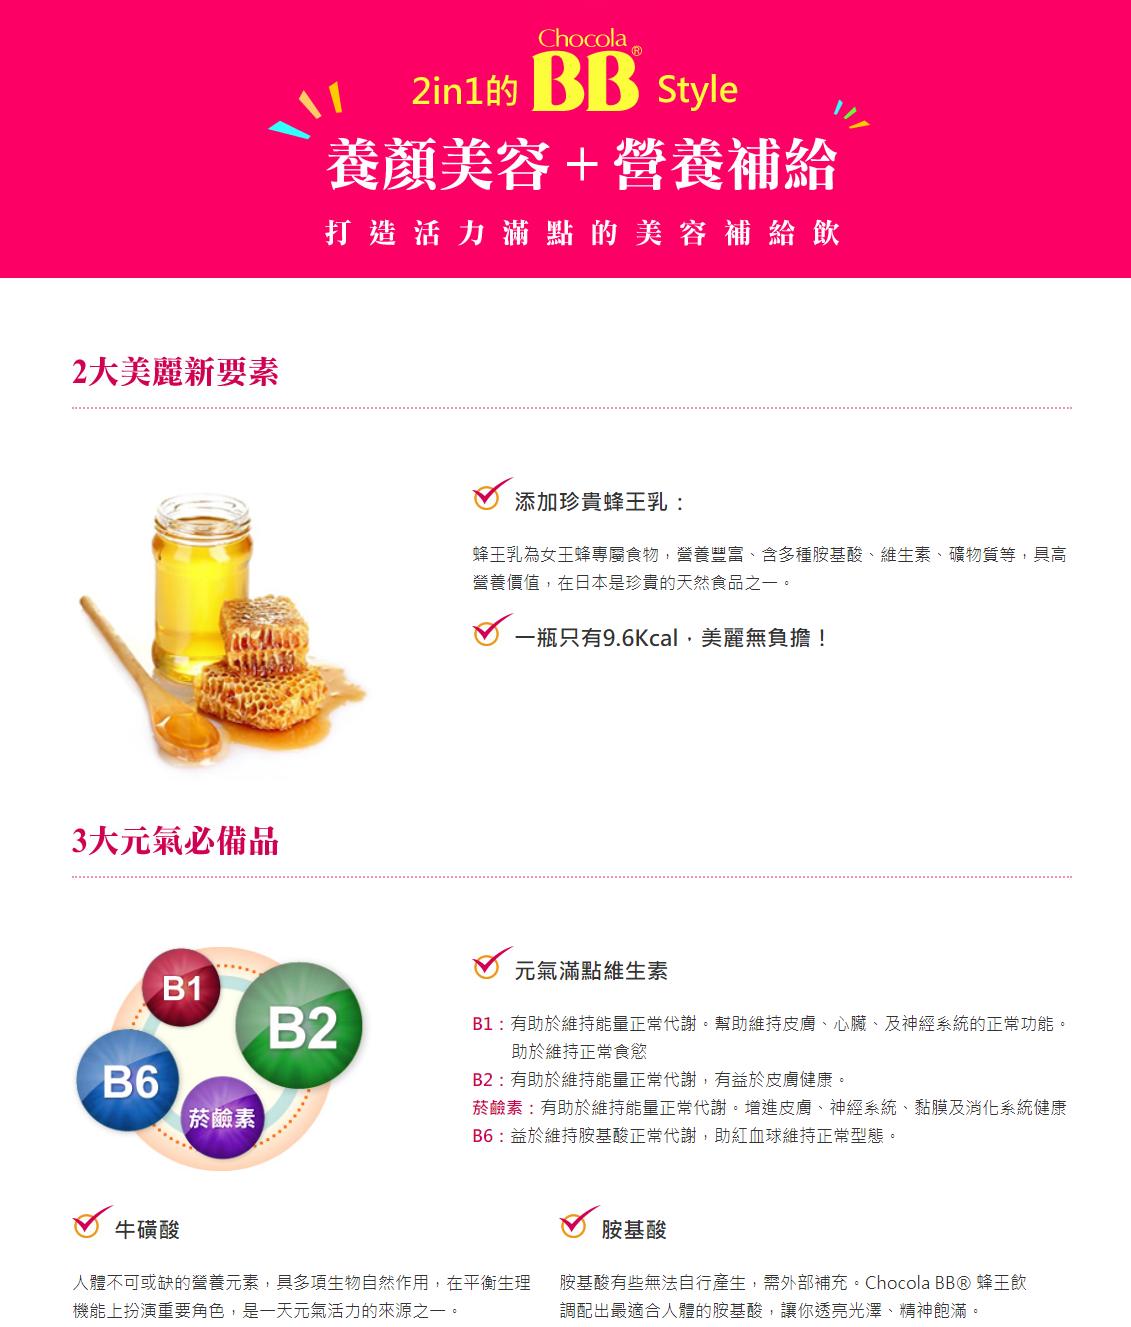 添加珍貴蜂王飲,養顏美容+營養補給2in1,1瓶只有9.6kcal美麗無負擔。